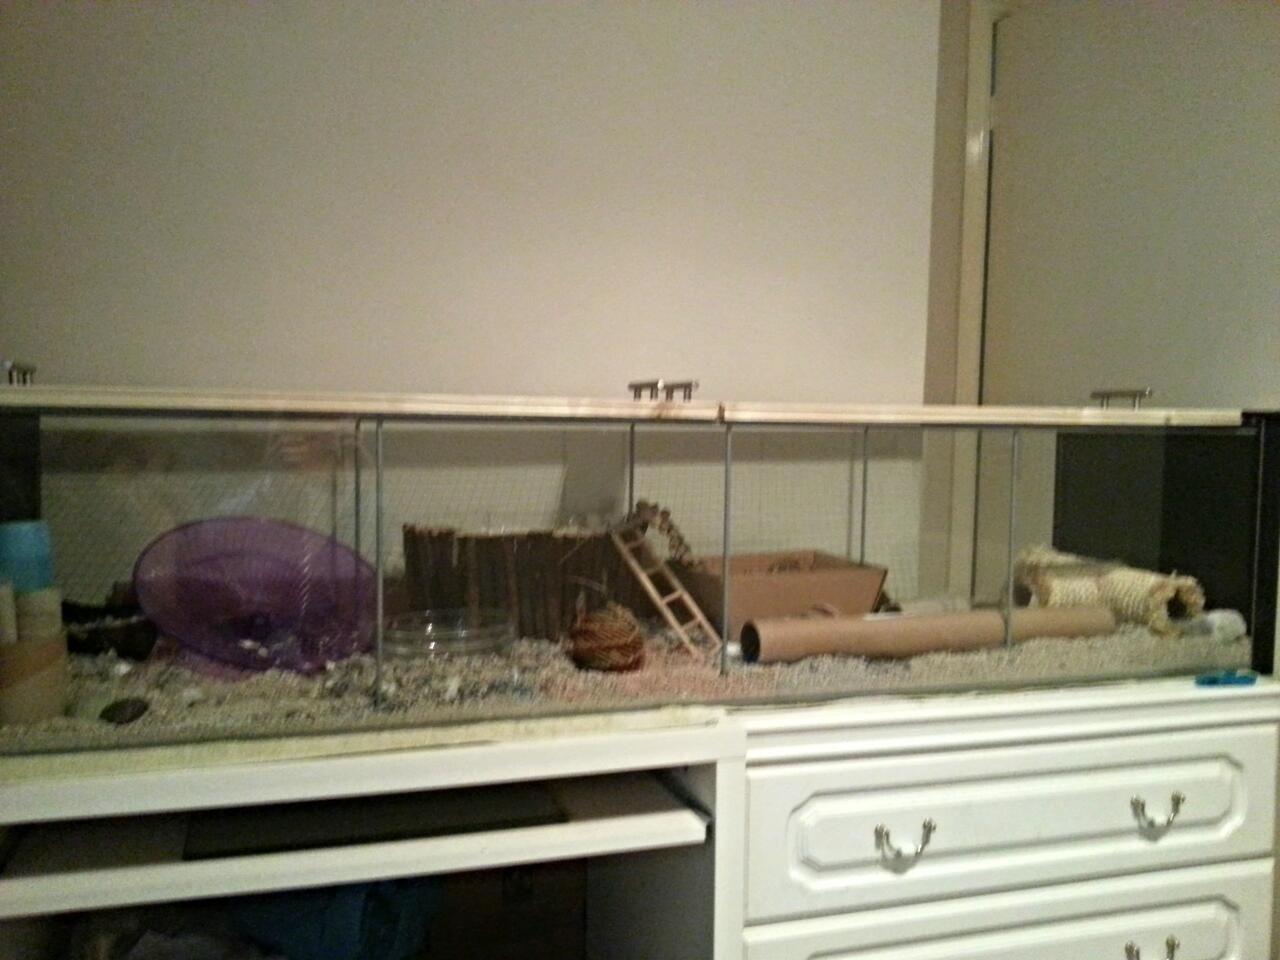 finest hamster diy ikea detolf cage lid with vitrine detolf. Black Bedroom Furniture Sets. Home Design Ideas